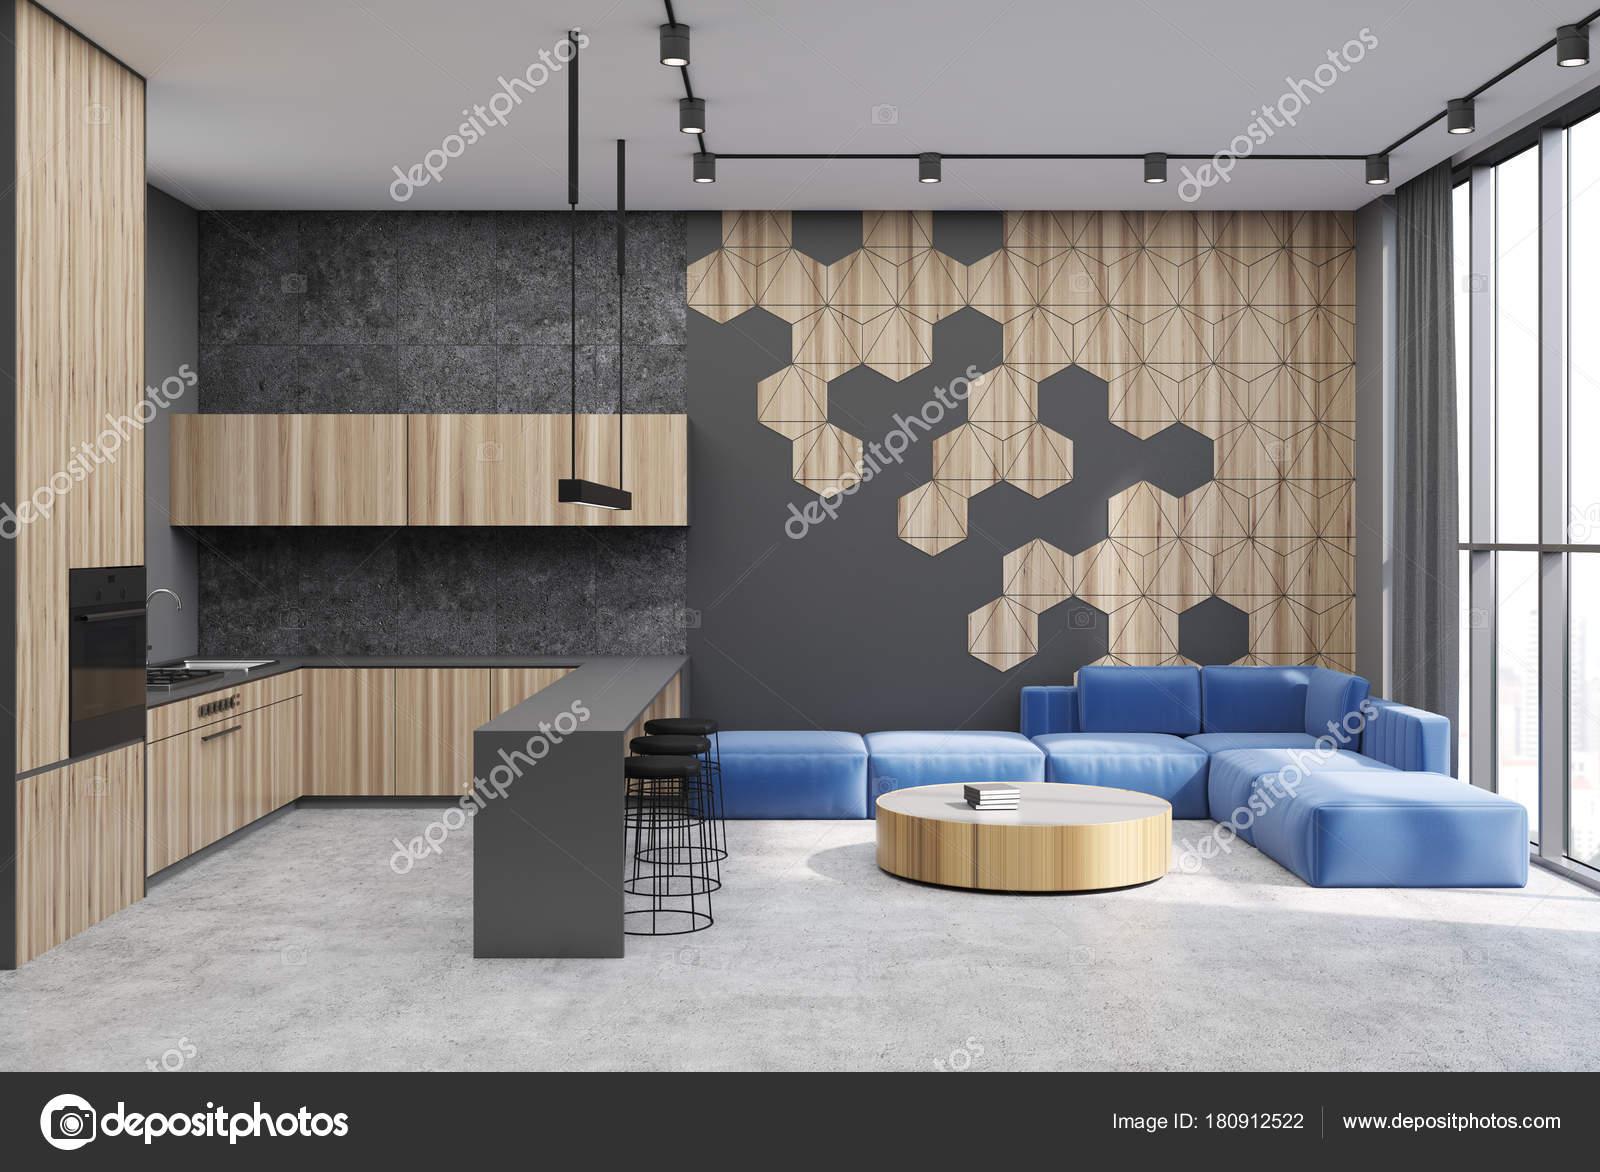 https://st3.depositphotos.com/2673929/18091/i/1600/depositphotos_180912522-stockafbeelding-zeshoek-patroon-woonkamer-en-bar.jpg